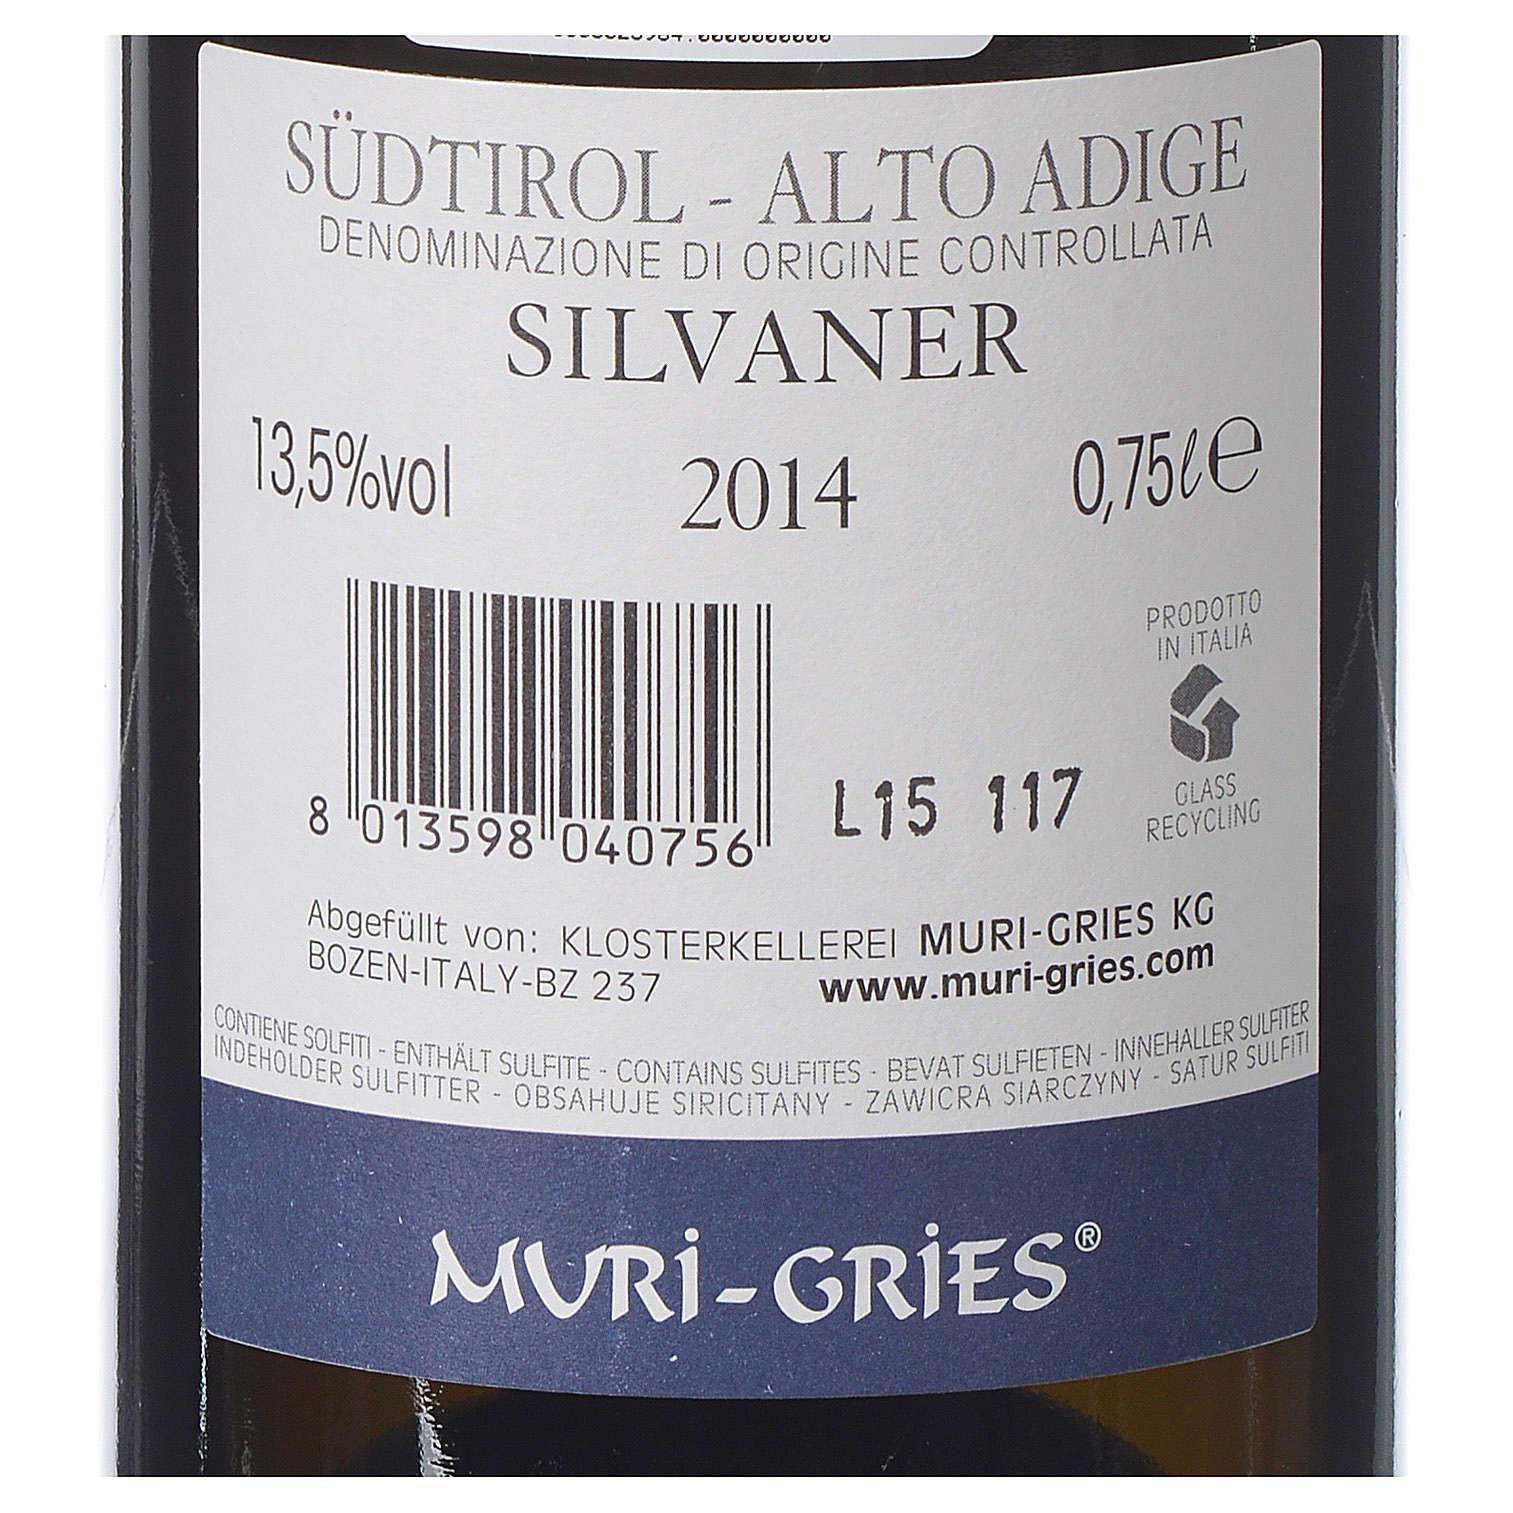 Vino Silvaner DOC 2014 Abbazia Muri Gries 750 ml 3